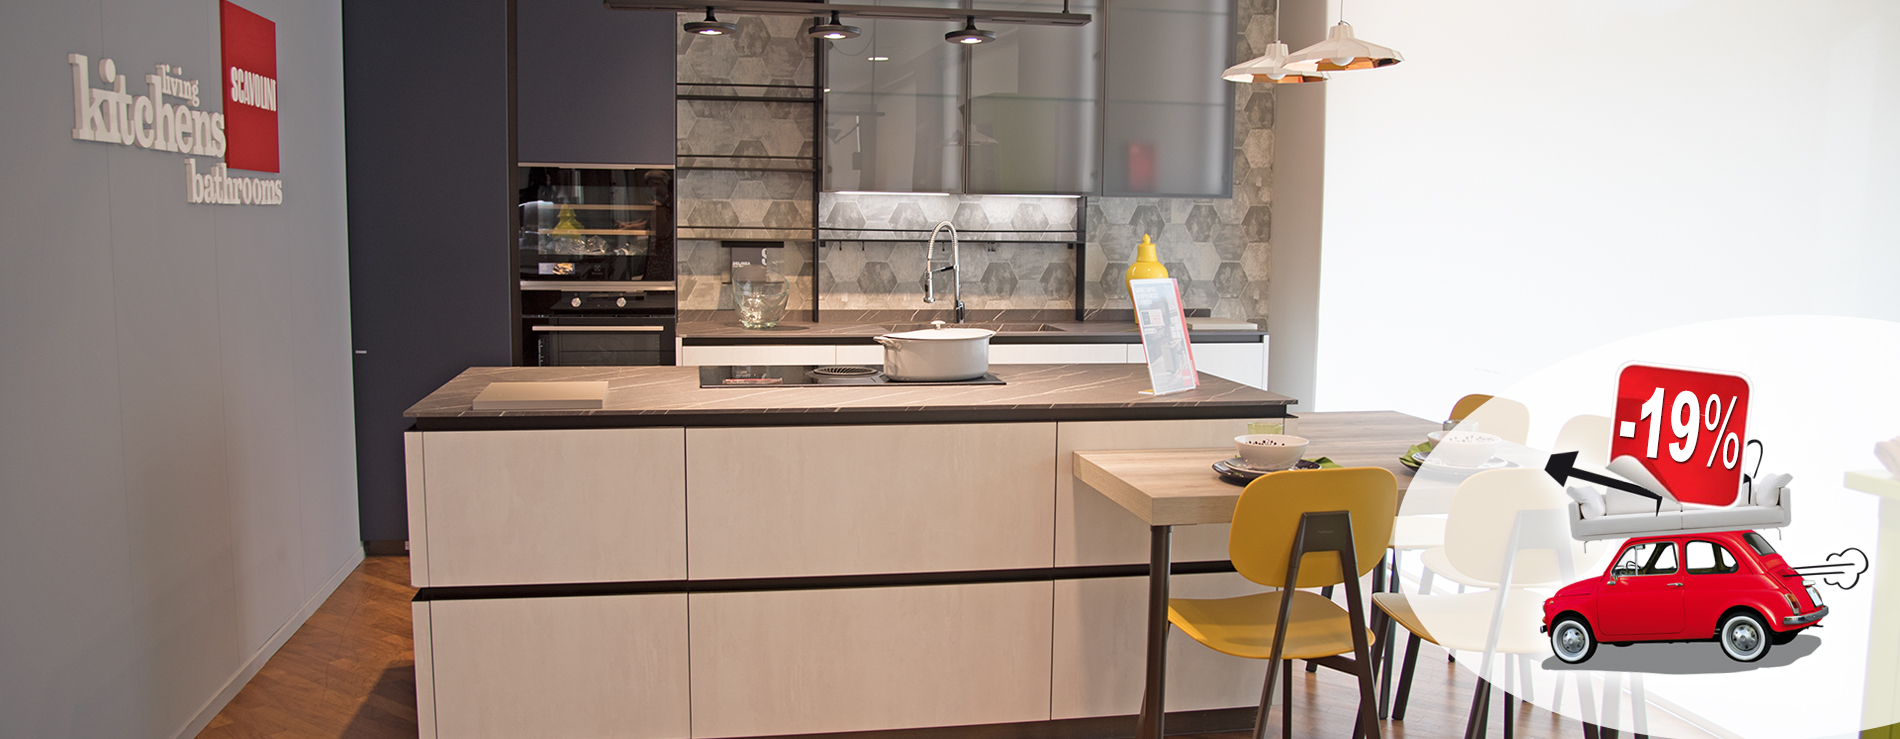 Cucina Delinea Scavolini in promozione